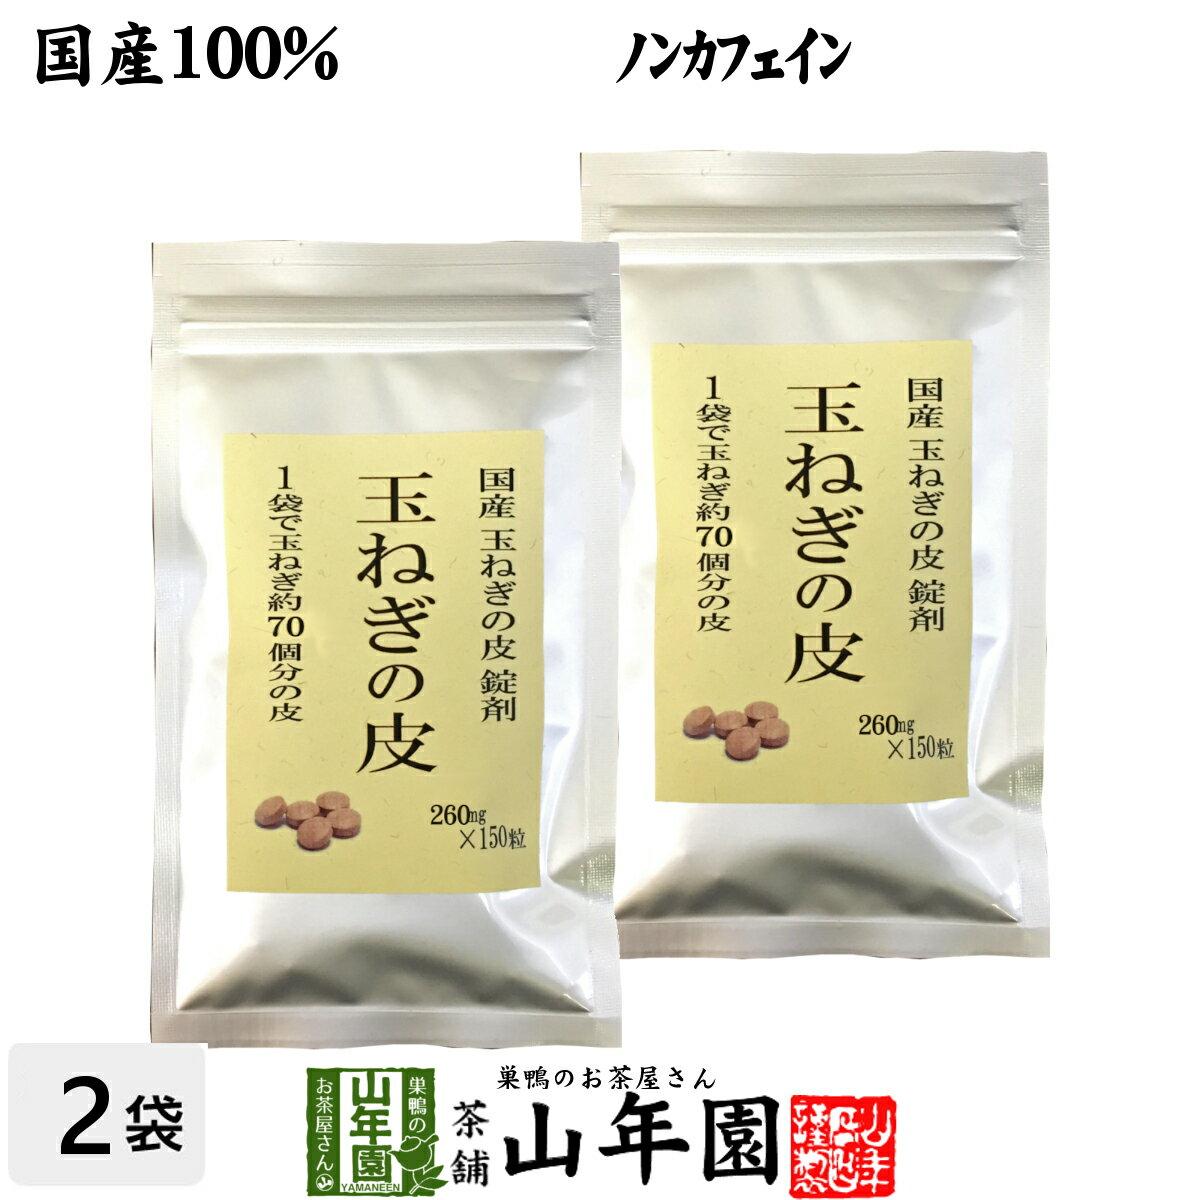 国産100%玉ねぎの皮サプリメント300mg×150粒×2袋セット錠剤タイプノンカフェイン送料無料北